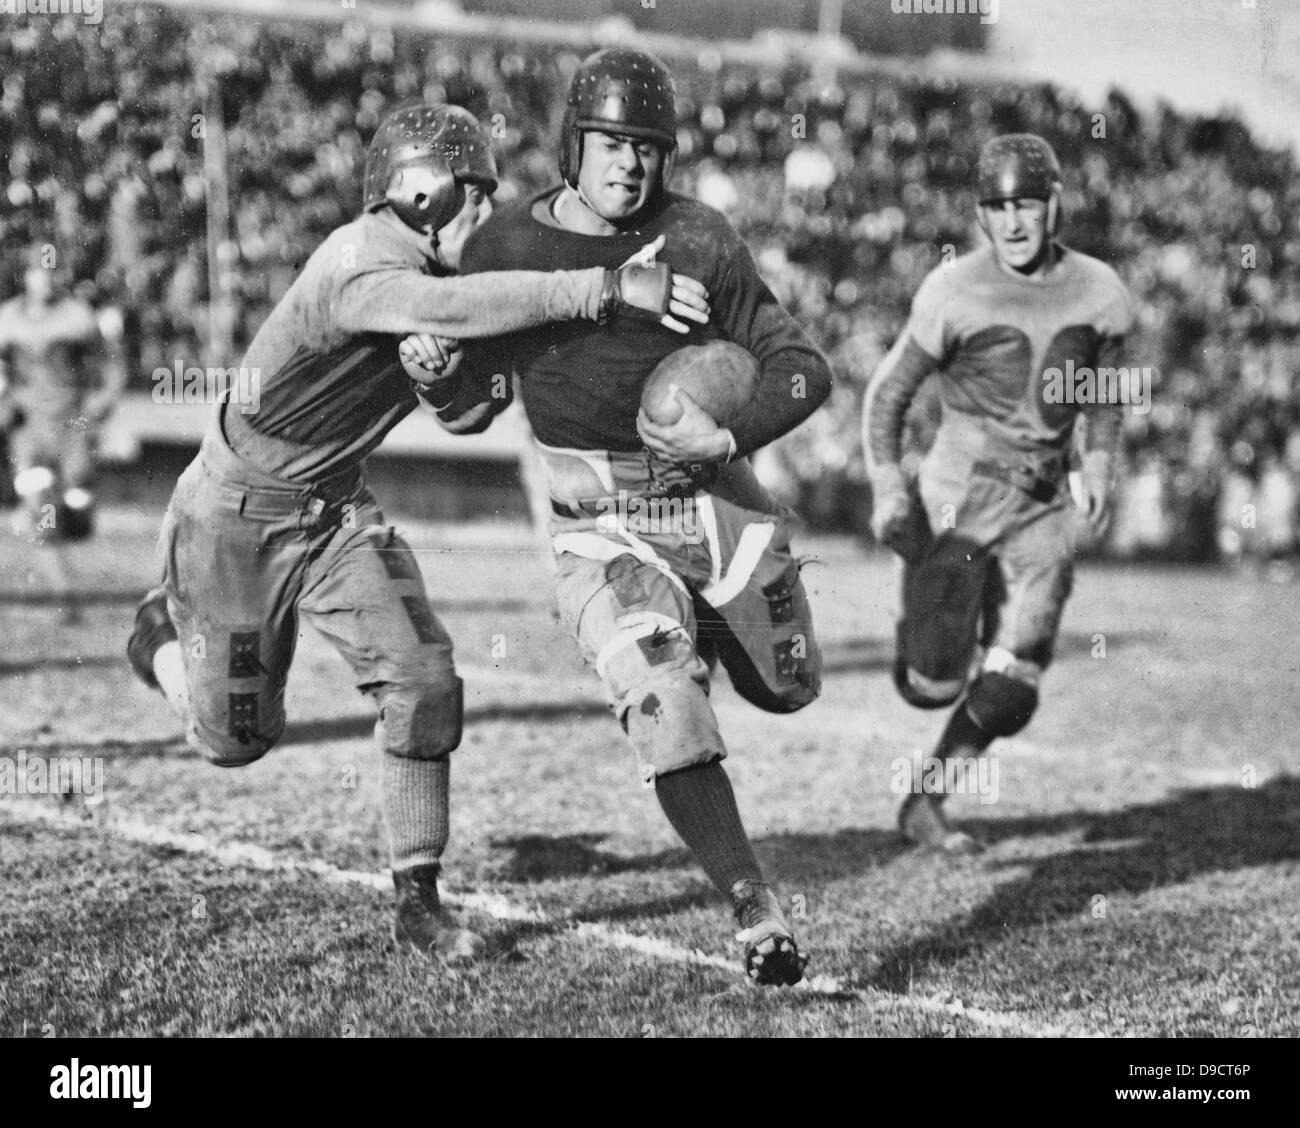 Fußballspiel - Vintage American Football, ca. 1925 Stockbild